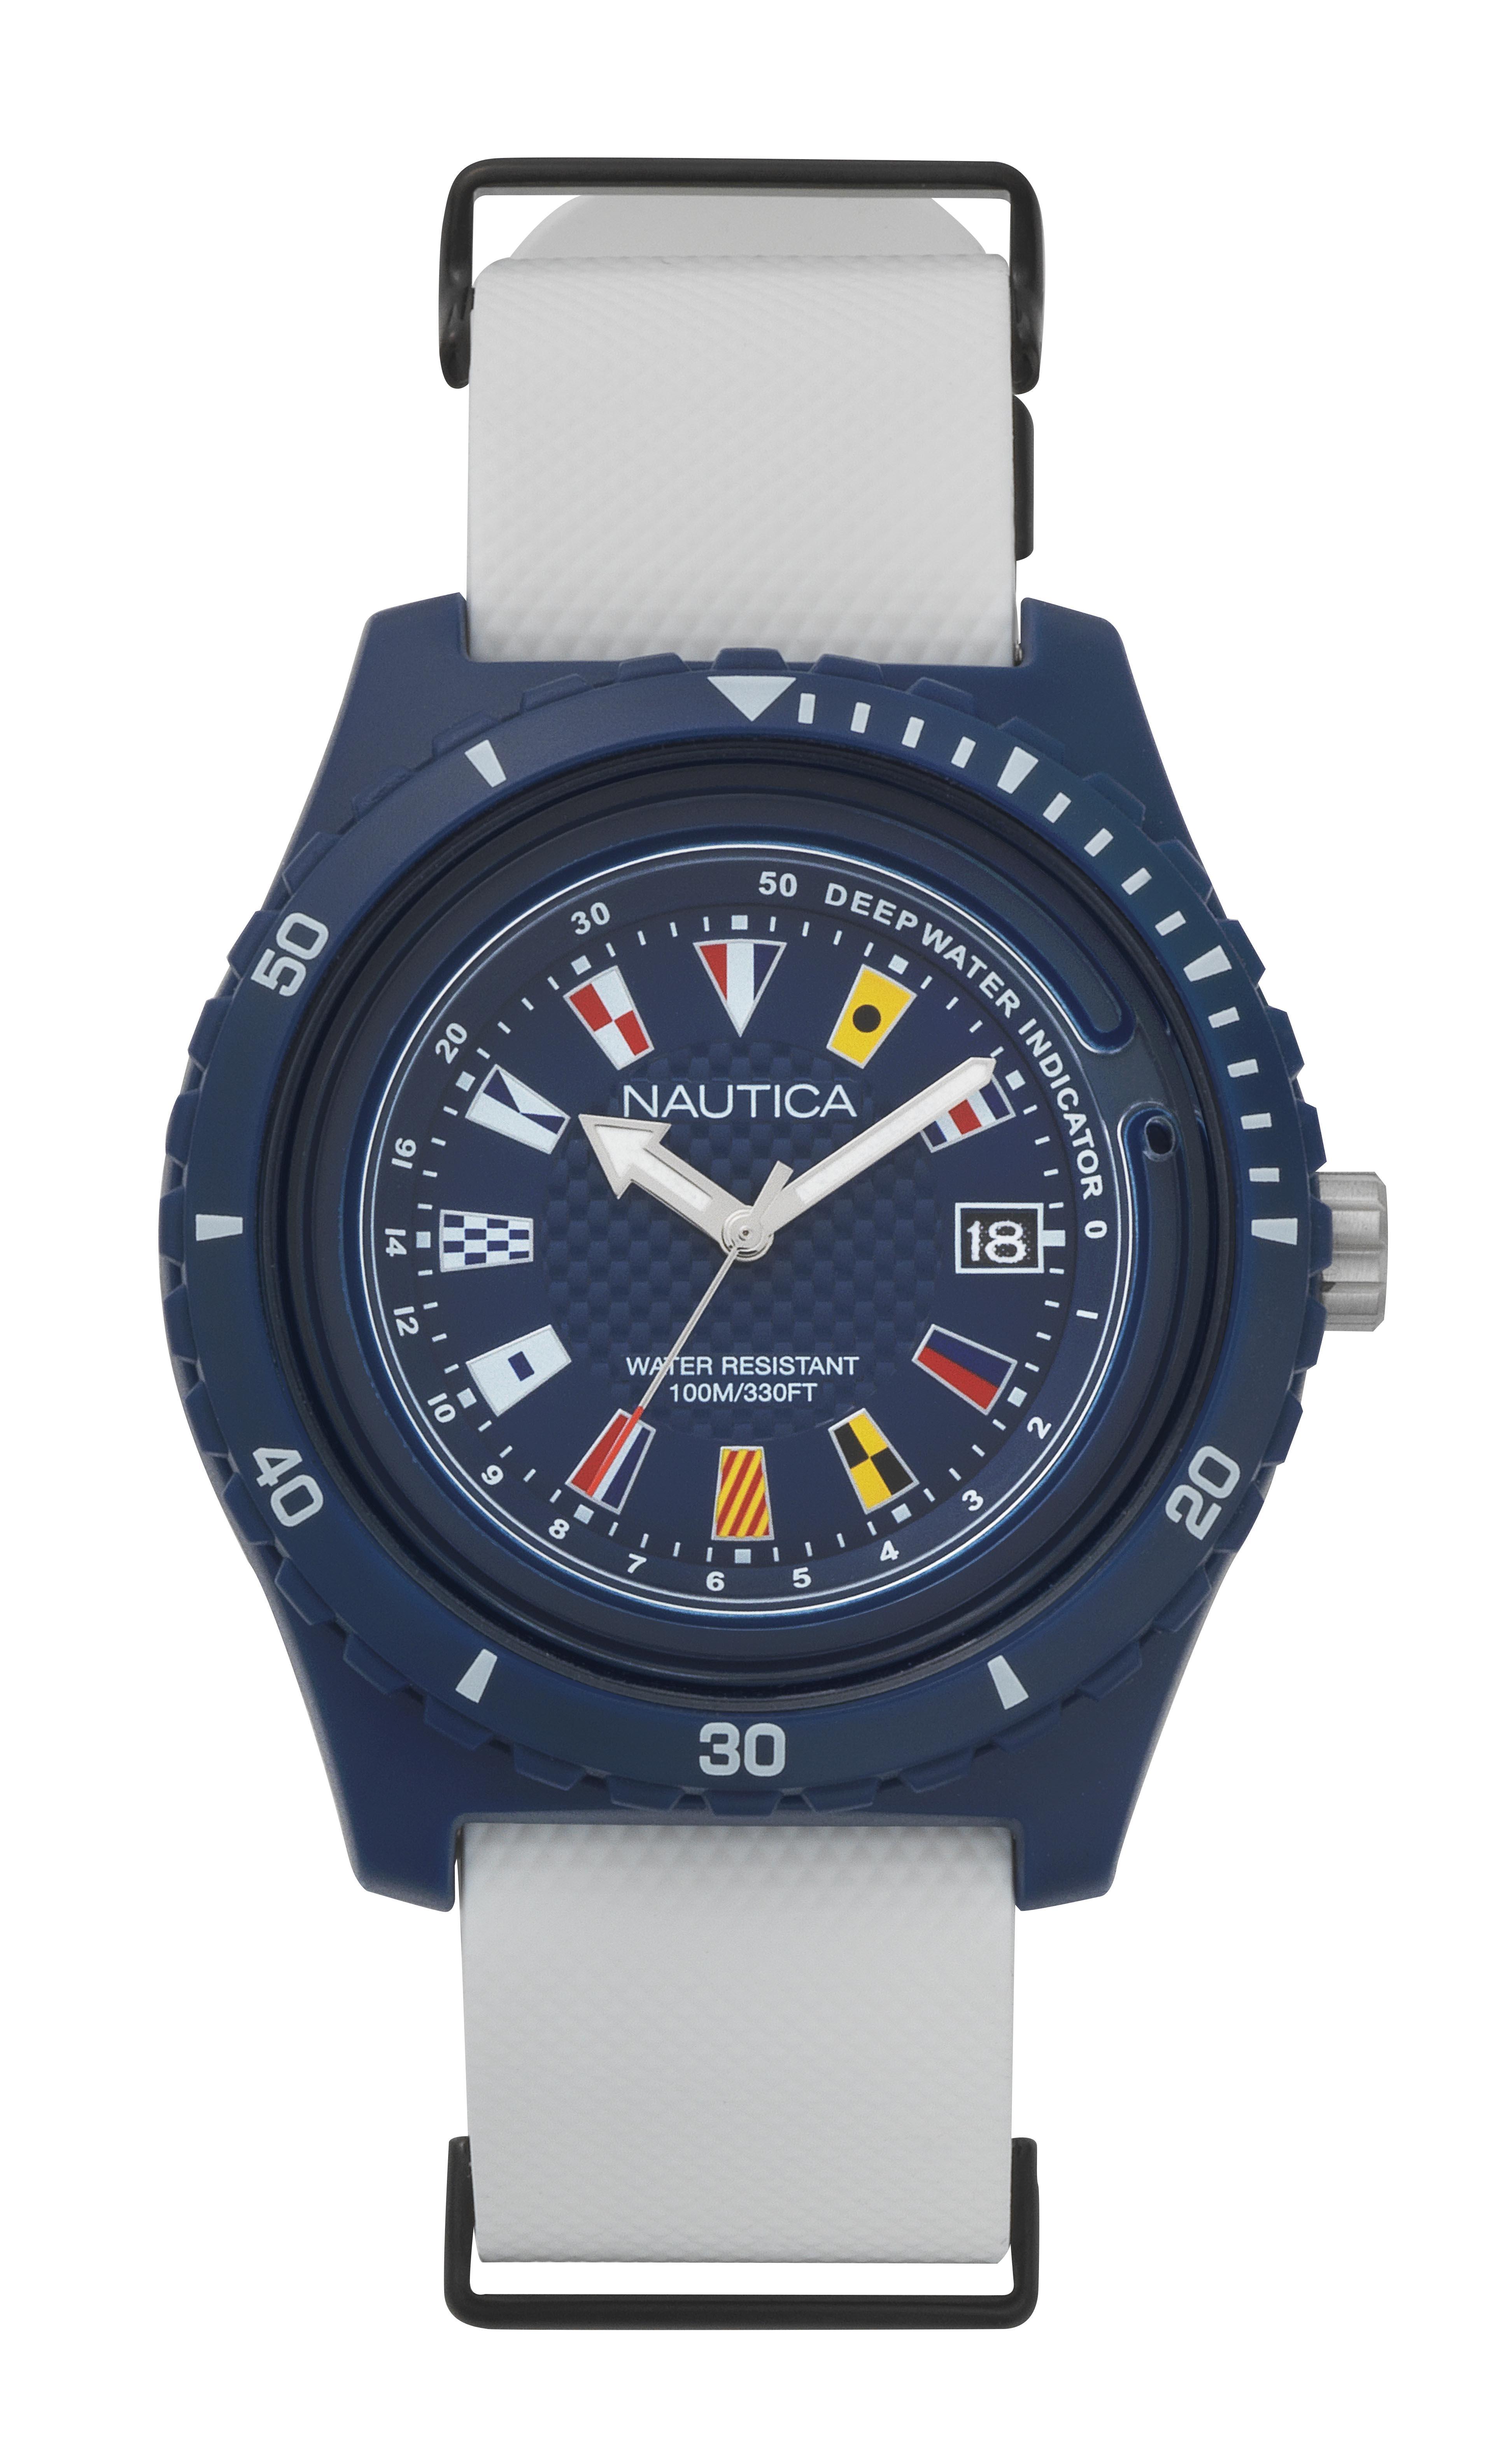 Zegarek Nautica® SURFSIDE (fot. Nautica®)